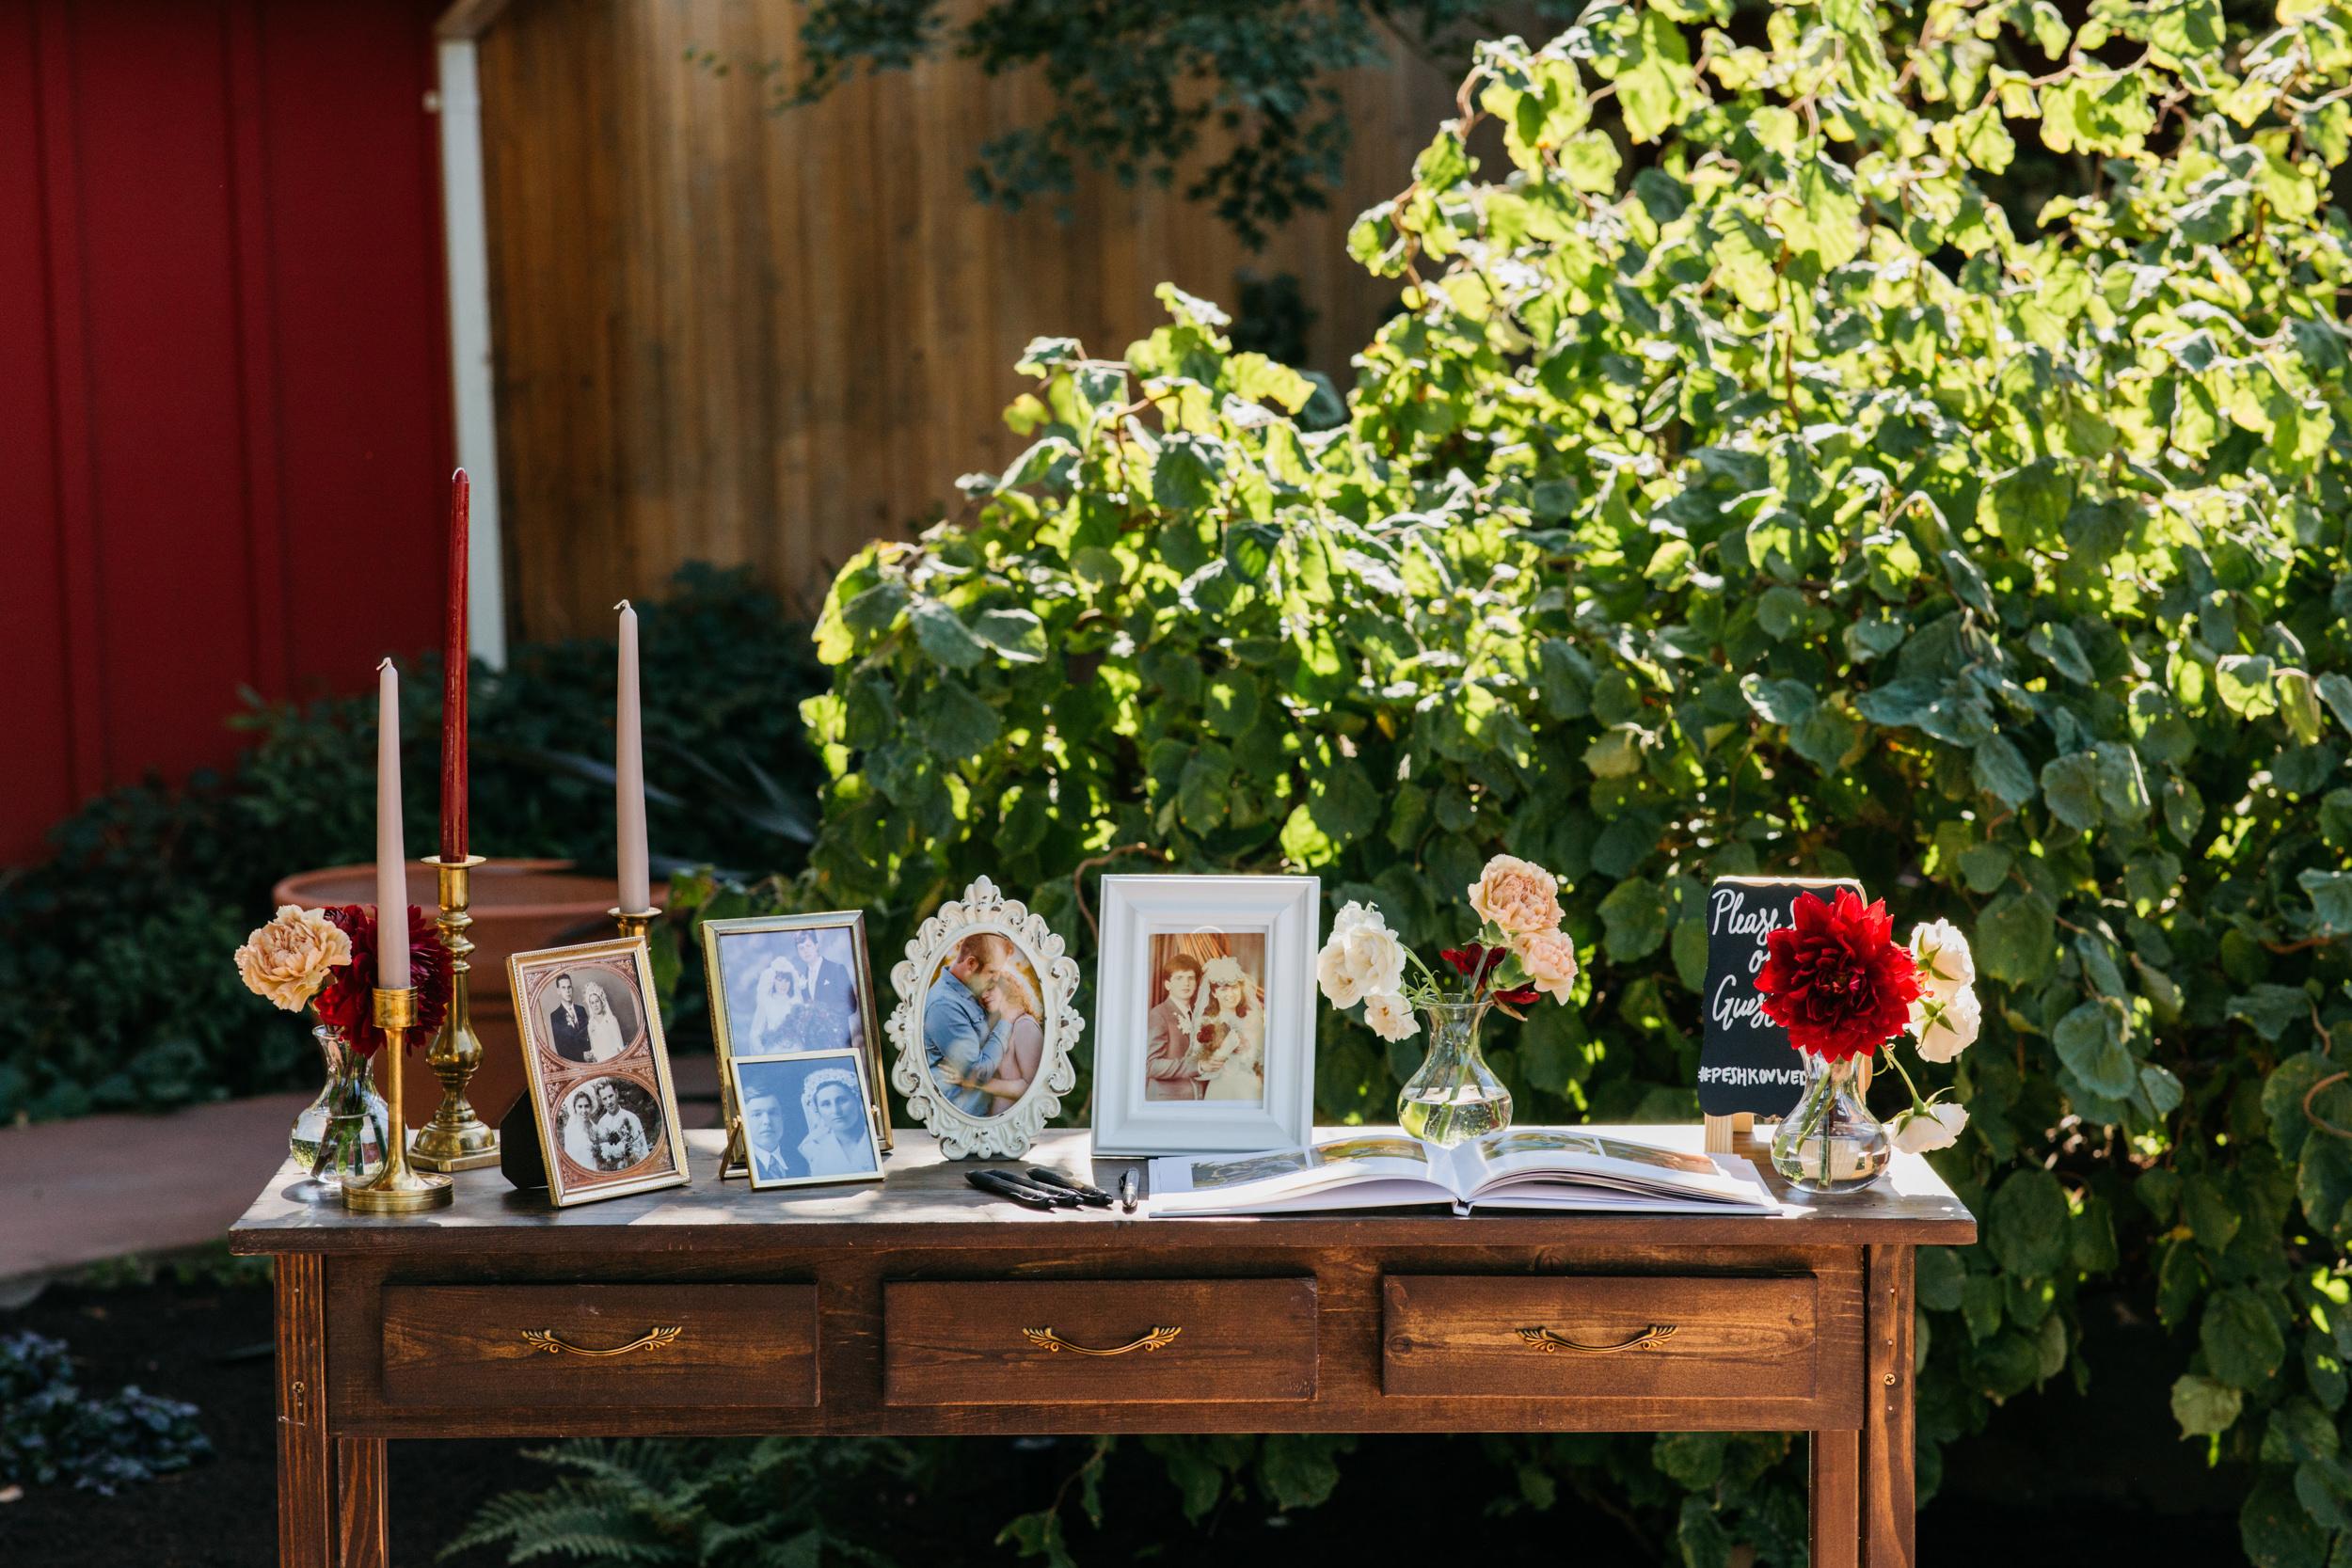 sacramento_flower_farm_inn_loomis-39.jpg